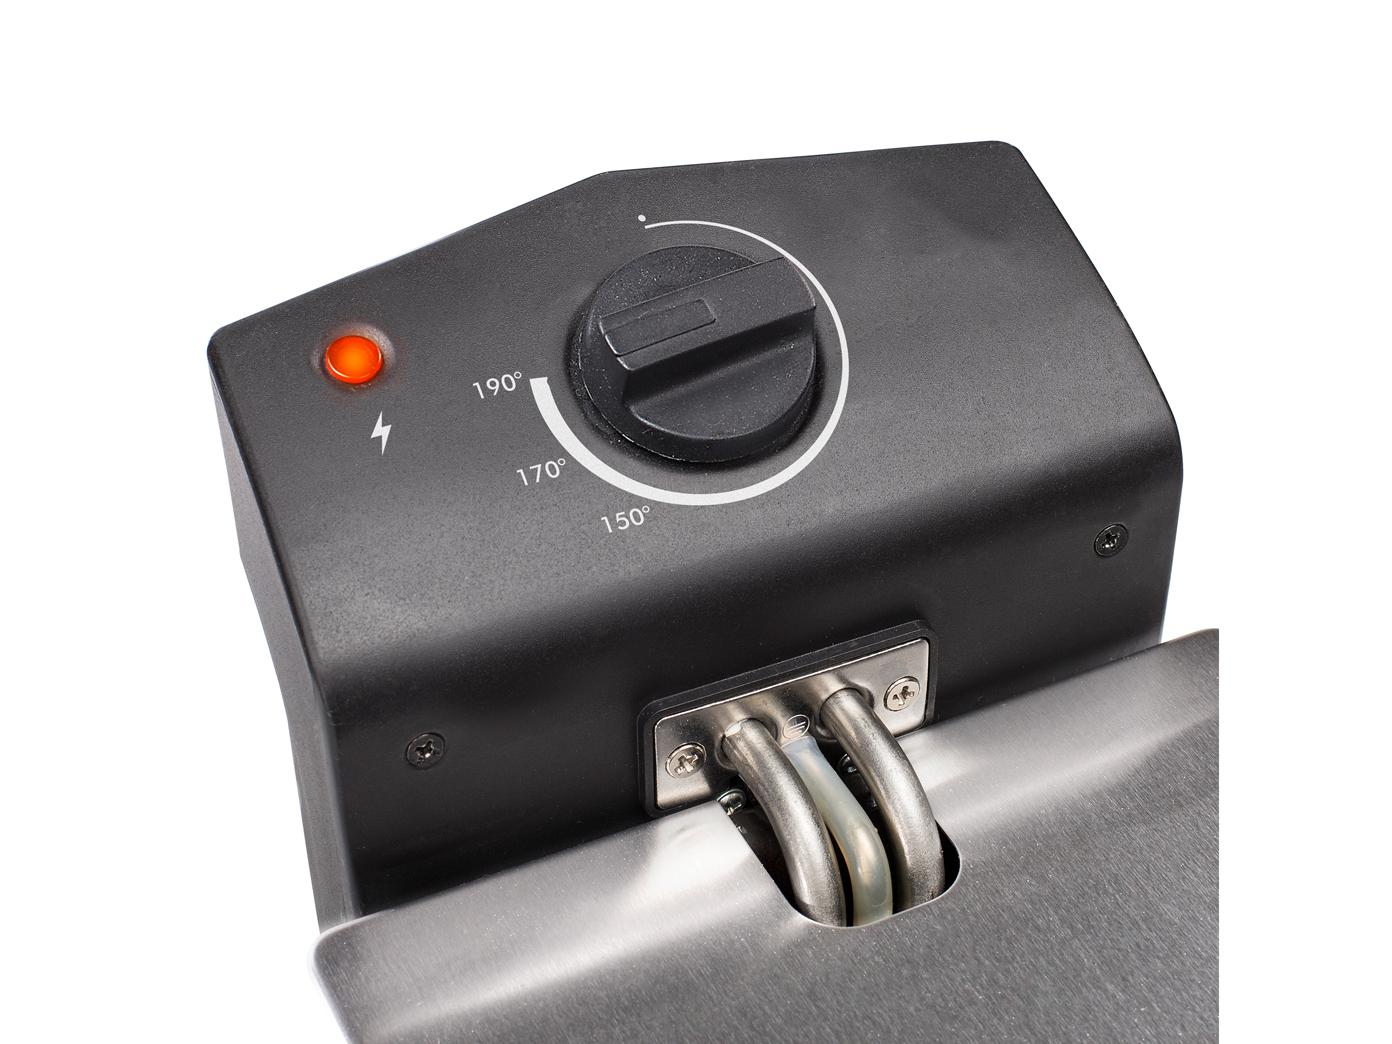 Edelstahlfritteuse-3-Liter-Emaille-Behaelter-Betriebskontrollleuchte-190-C Indexbild 5